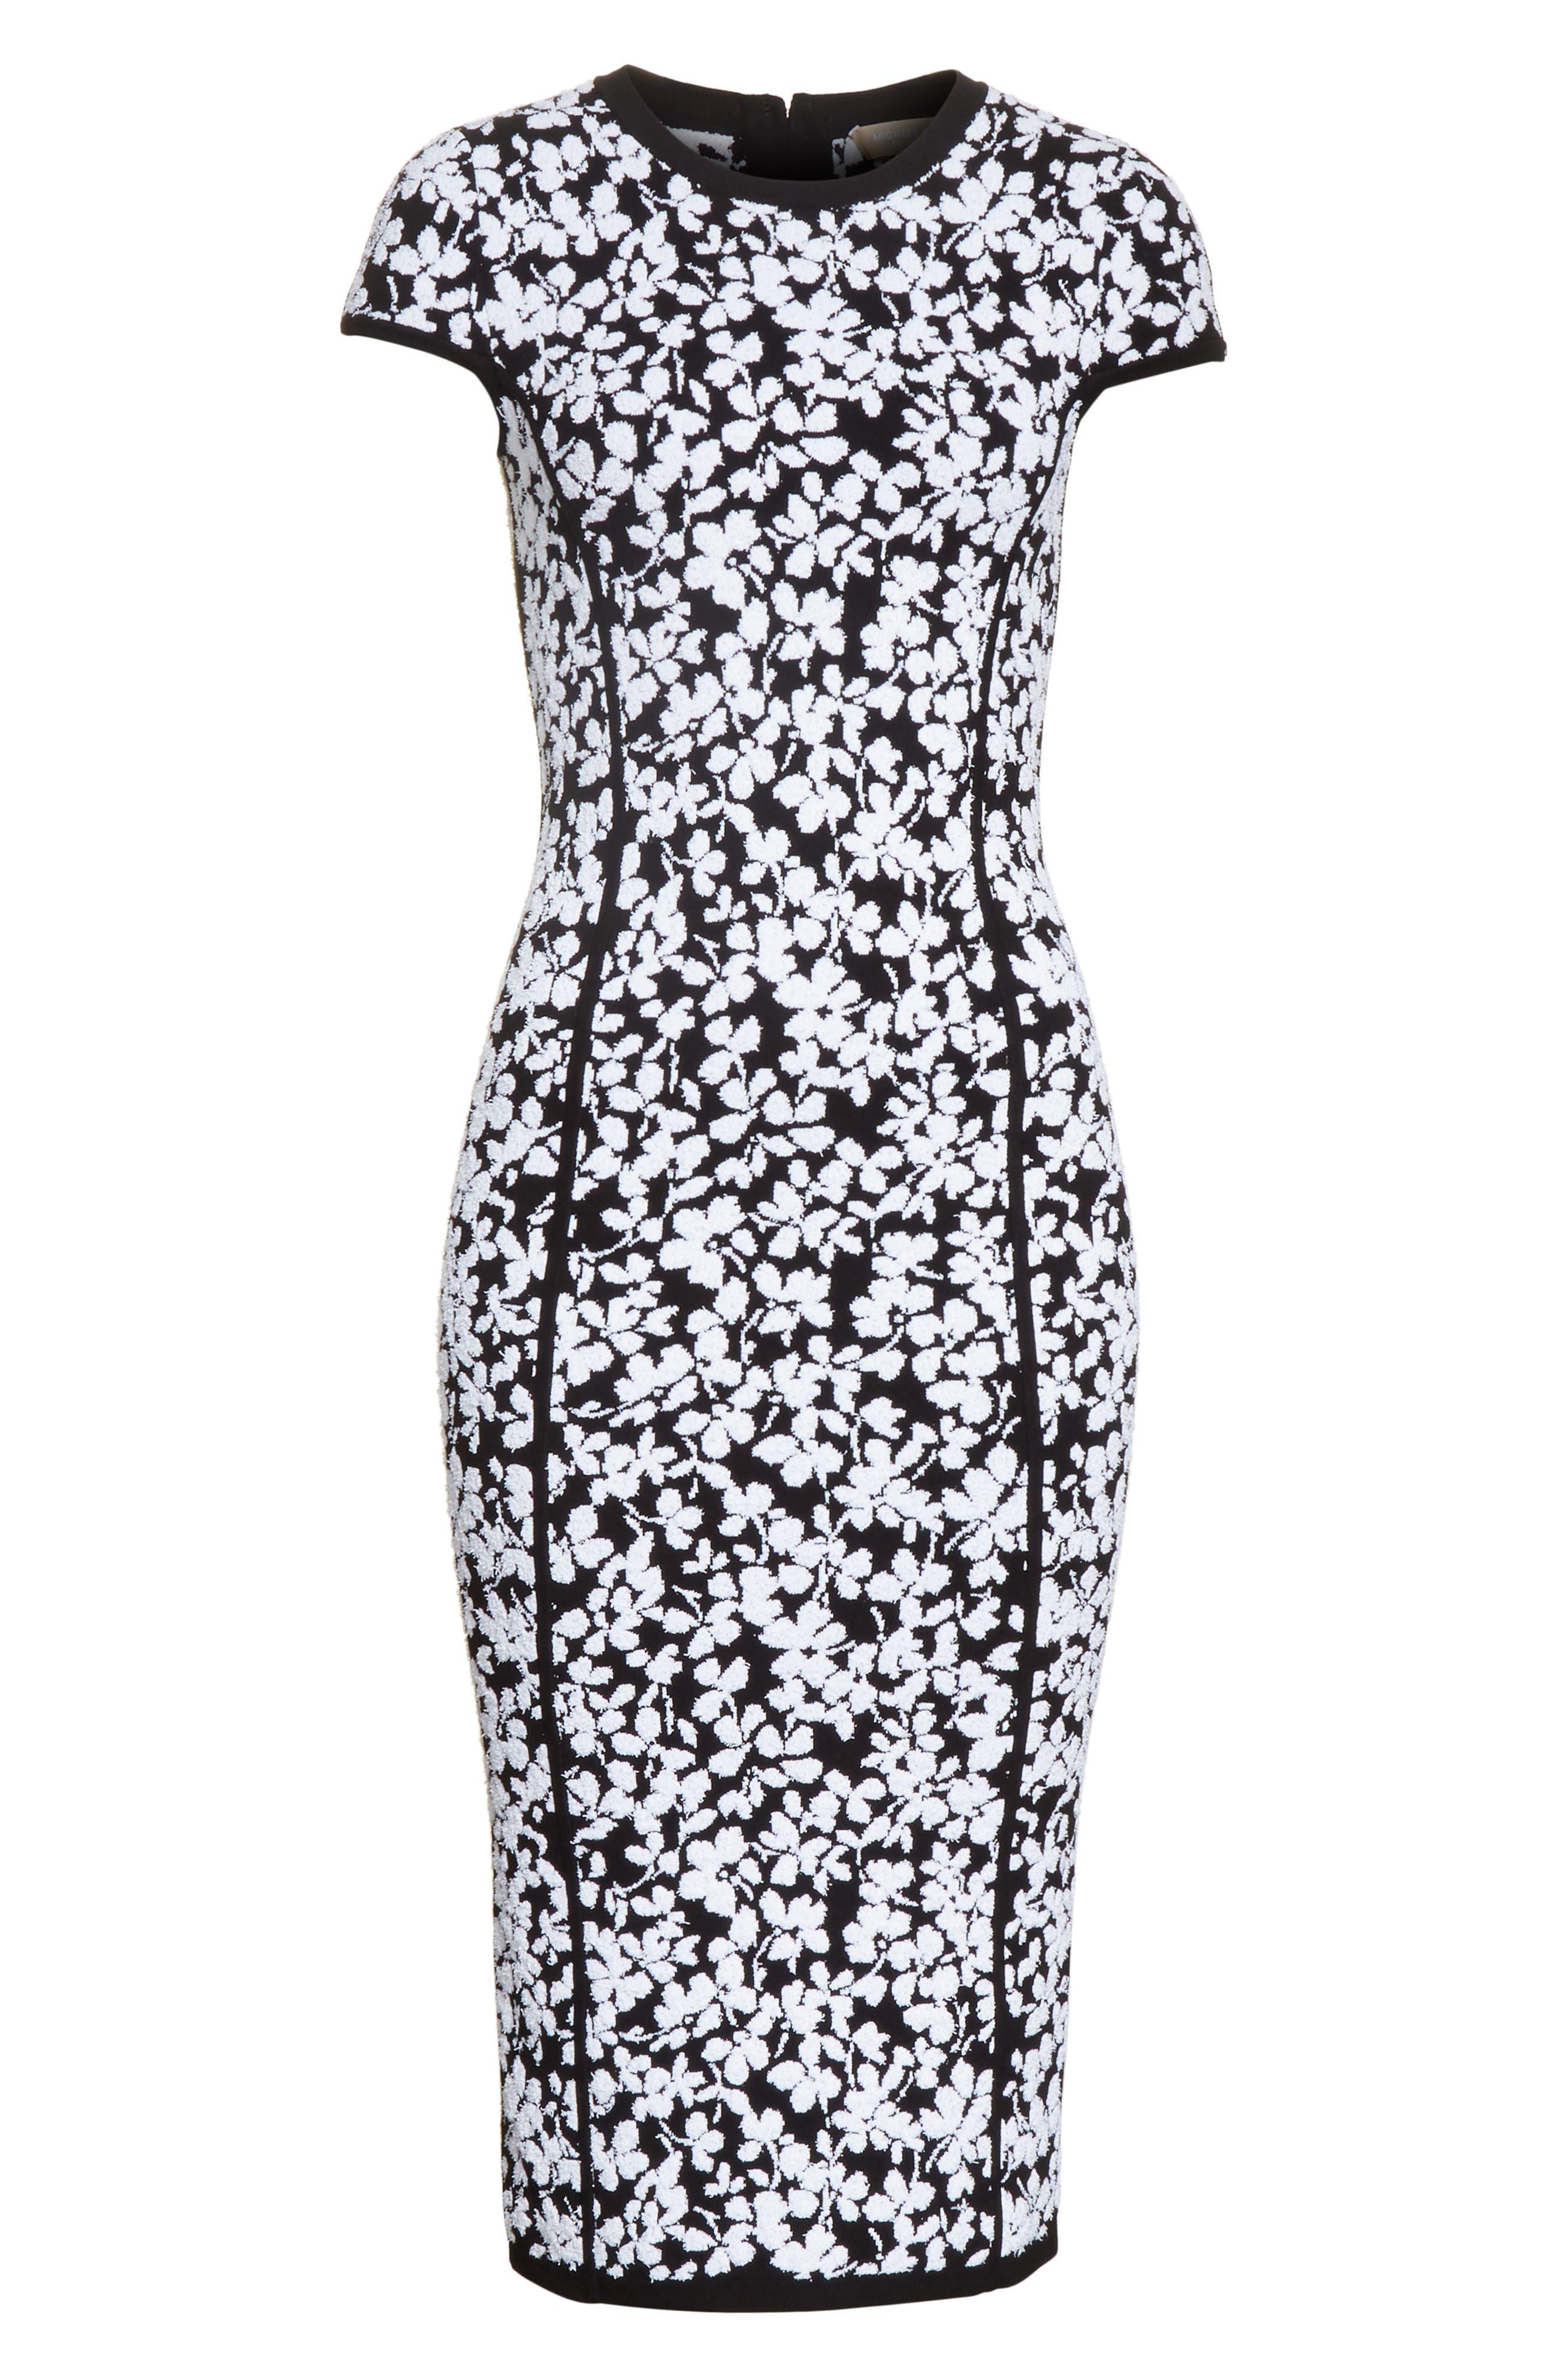 Floral Jacquard Sheath Dress,                             Alternate thumbnail 7, color,                             Black